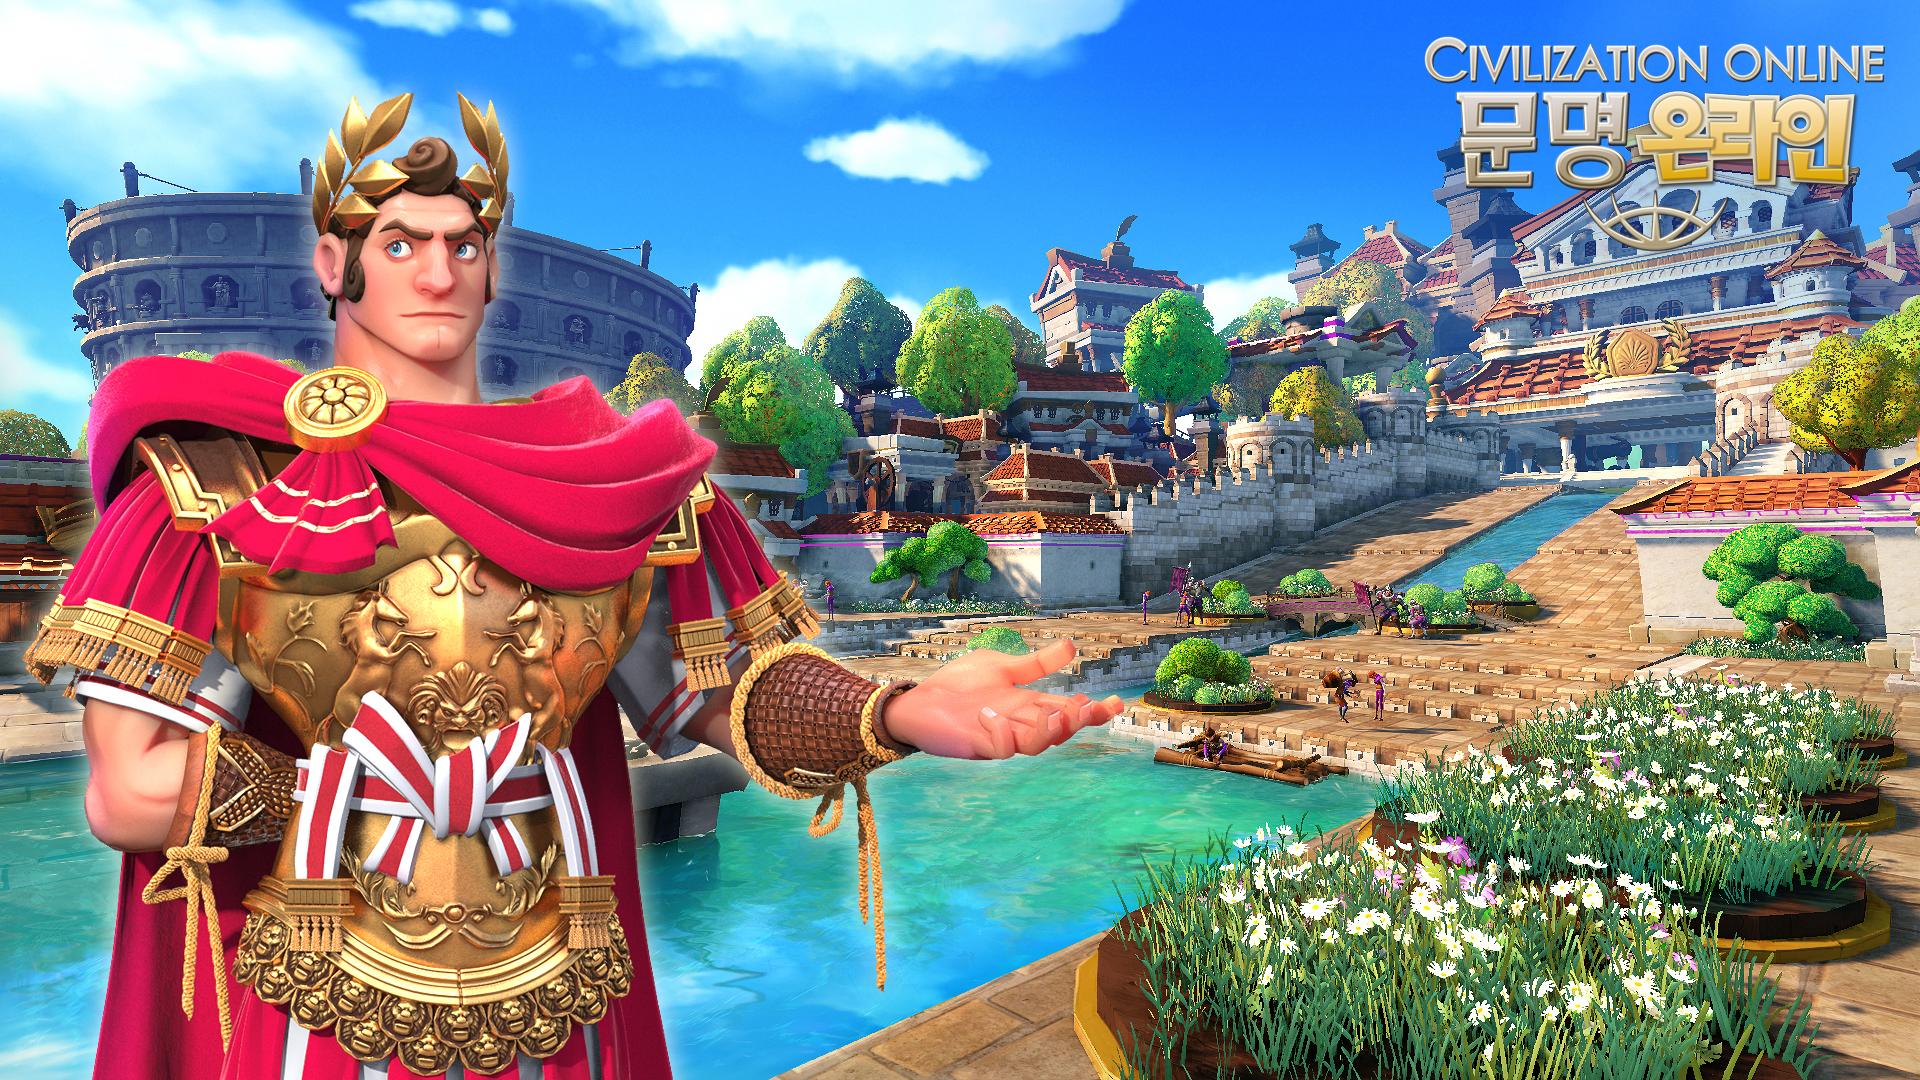 Các nền văn minh trong Civilization Online - Ảnh 2